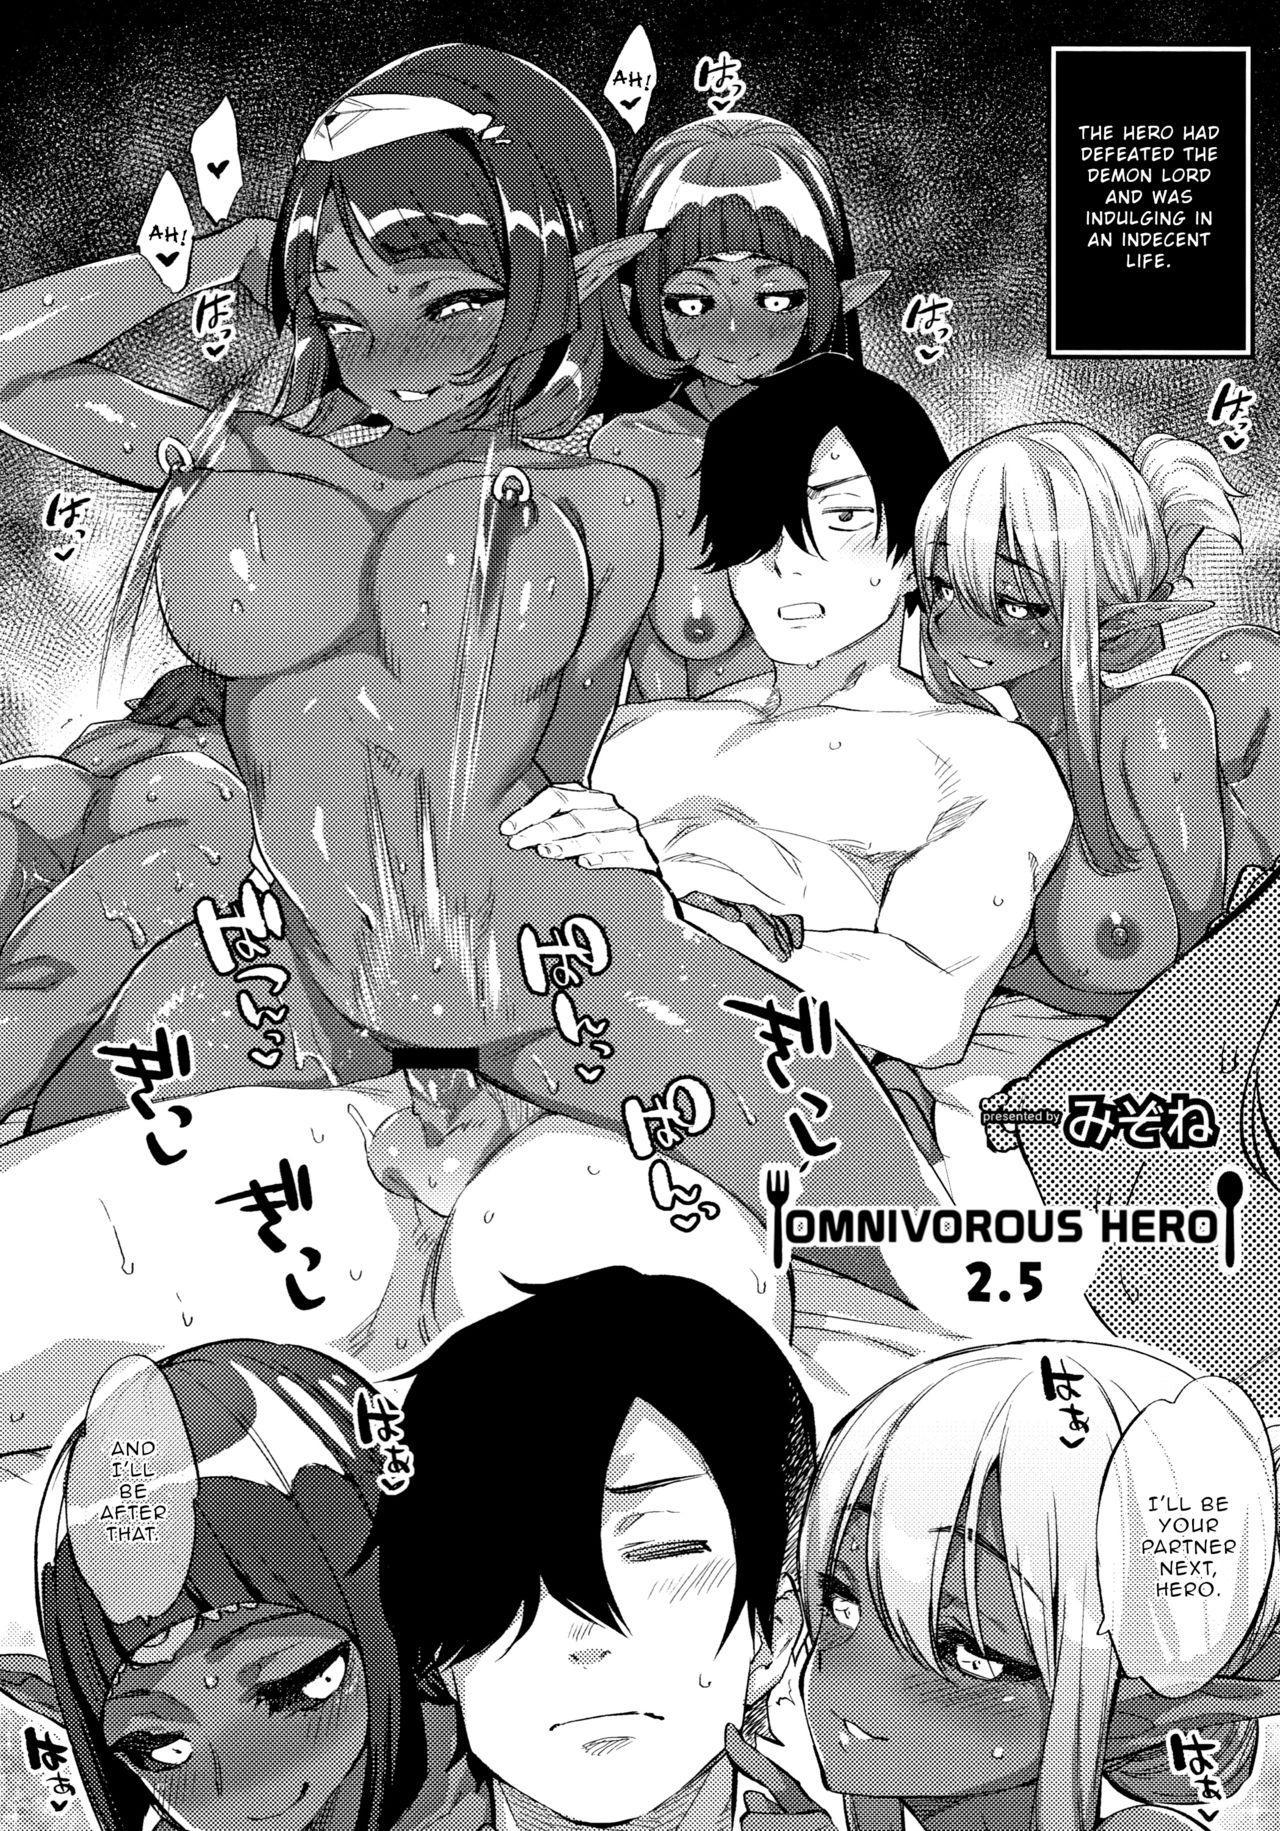 Zasshoku Yuusha 2.5 | Omnivorous Hero 2.5 0